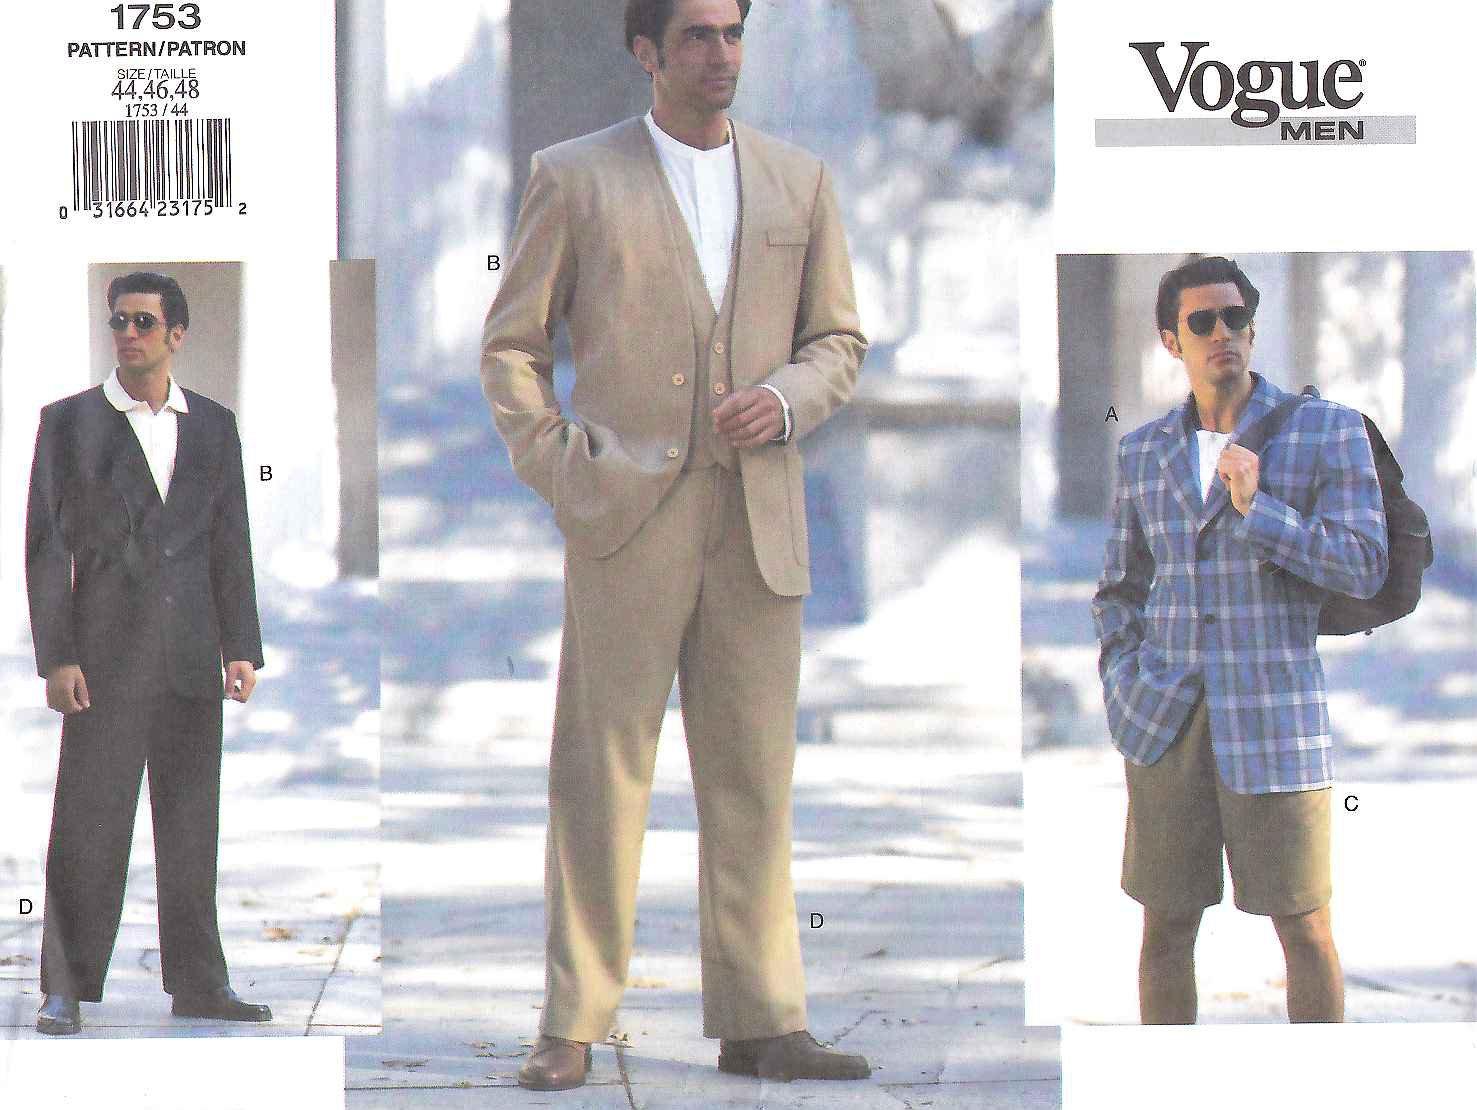 Vogue Sewing Pattern 1753 Mens Size 32-34-26 Jacket Vest Shorts Pants Trousers Sportscoat Suit